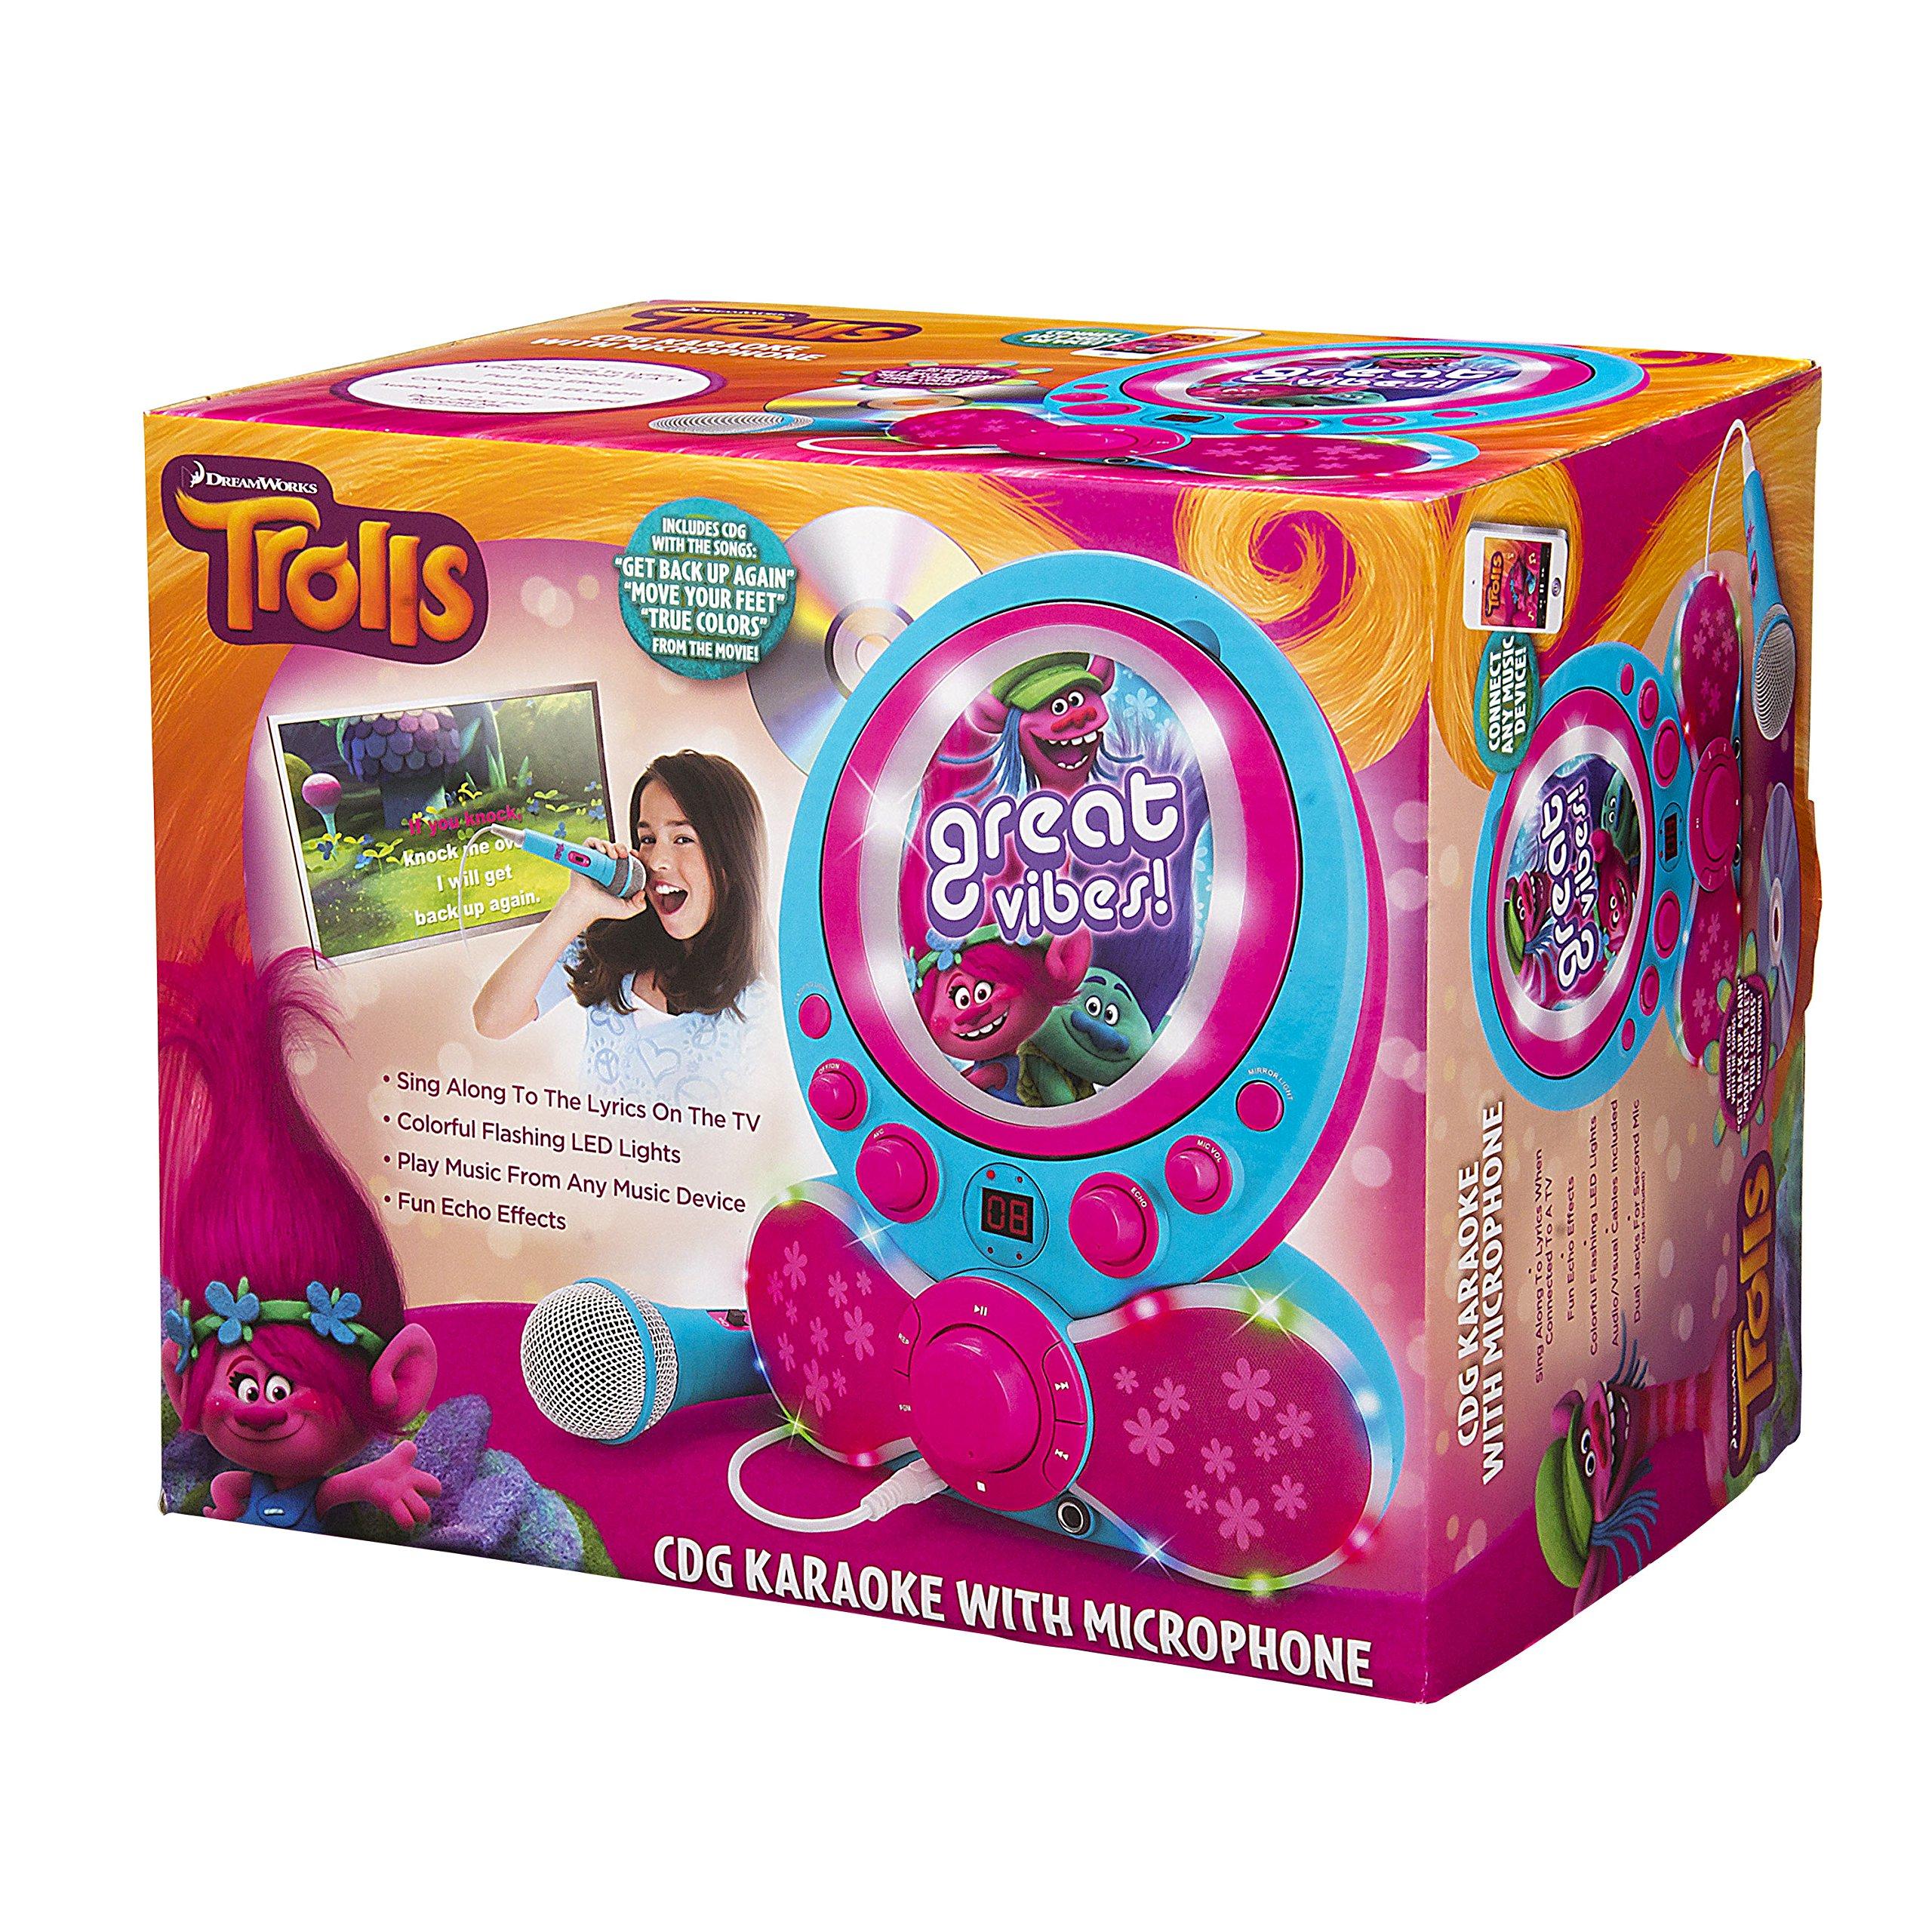 KIDdesigns Trolls CDG Karaoke Machine CD Player with Microphone by KIDdesigns (Image #5)